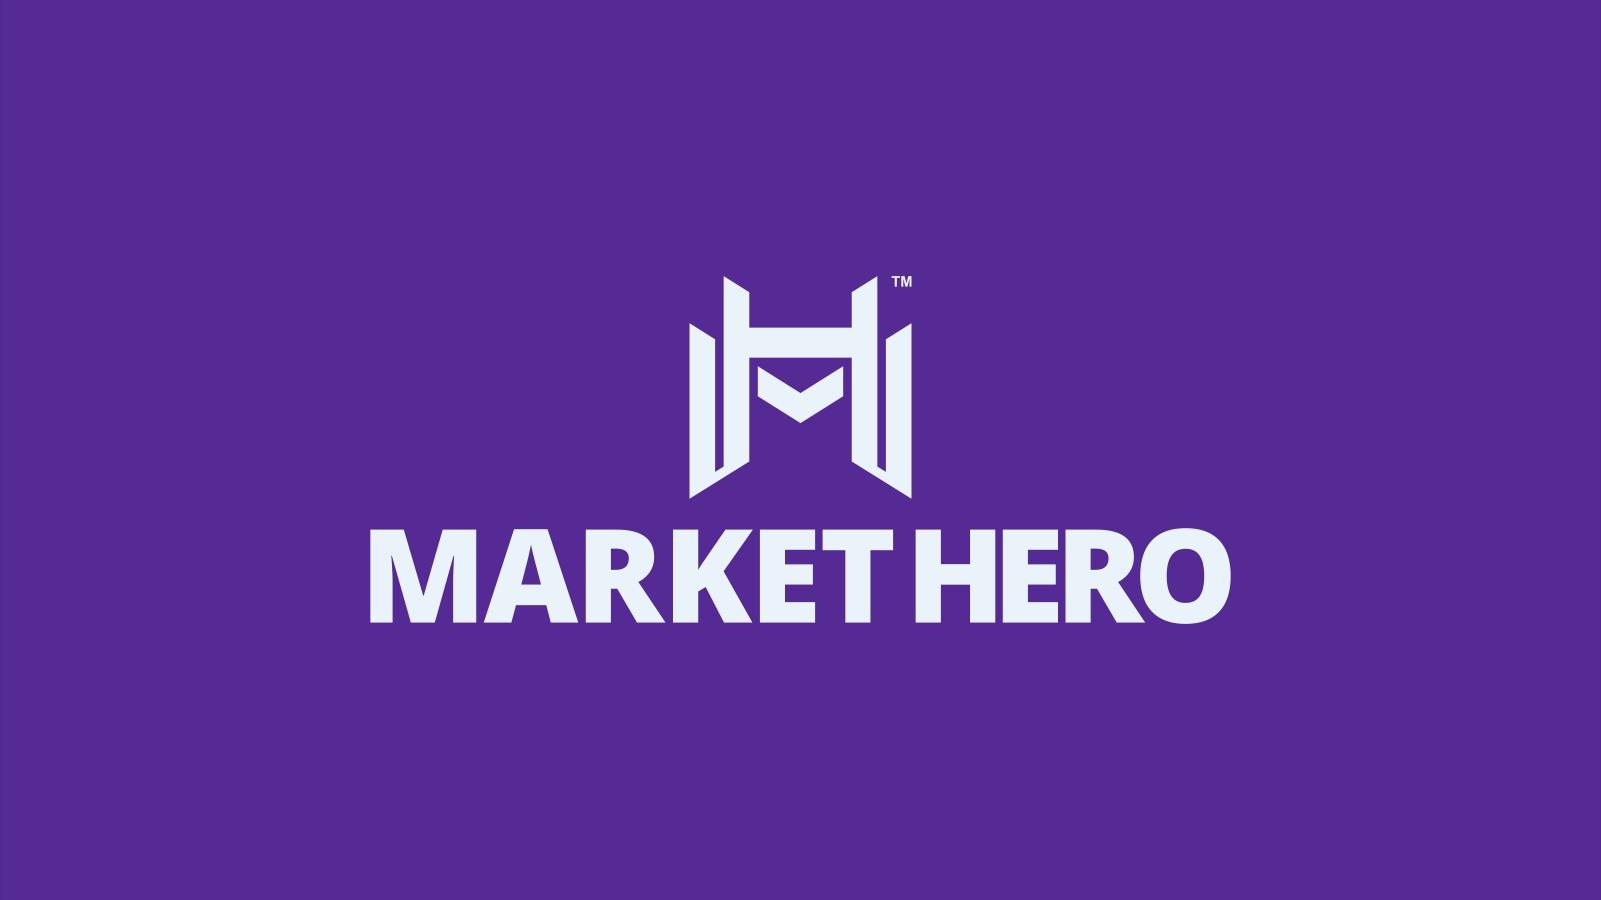 Market Hero(マーケットヒーロー)の代わりになる代替サービス/似ているサービス一覧 1